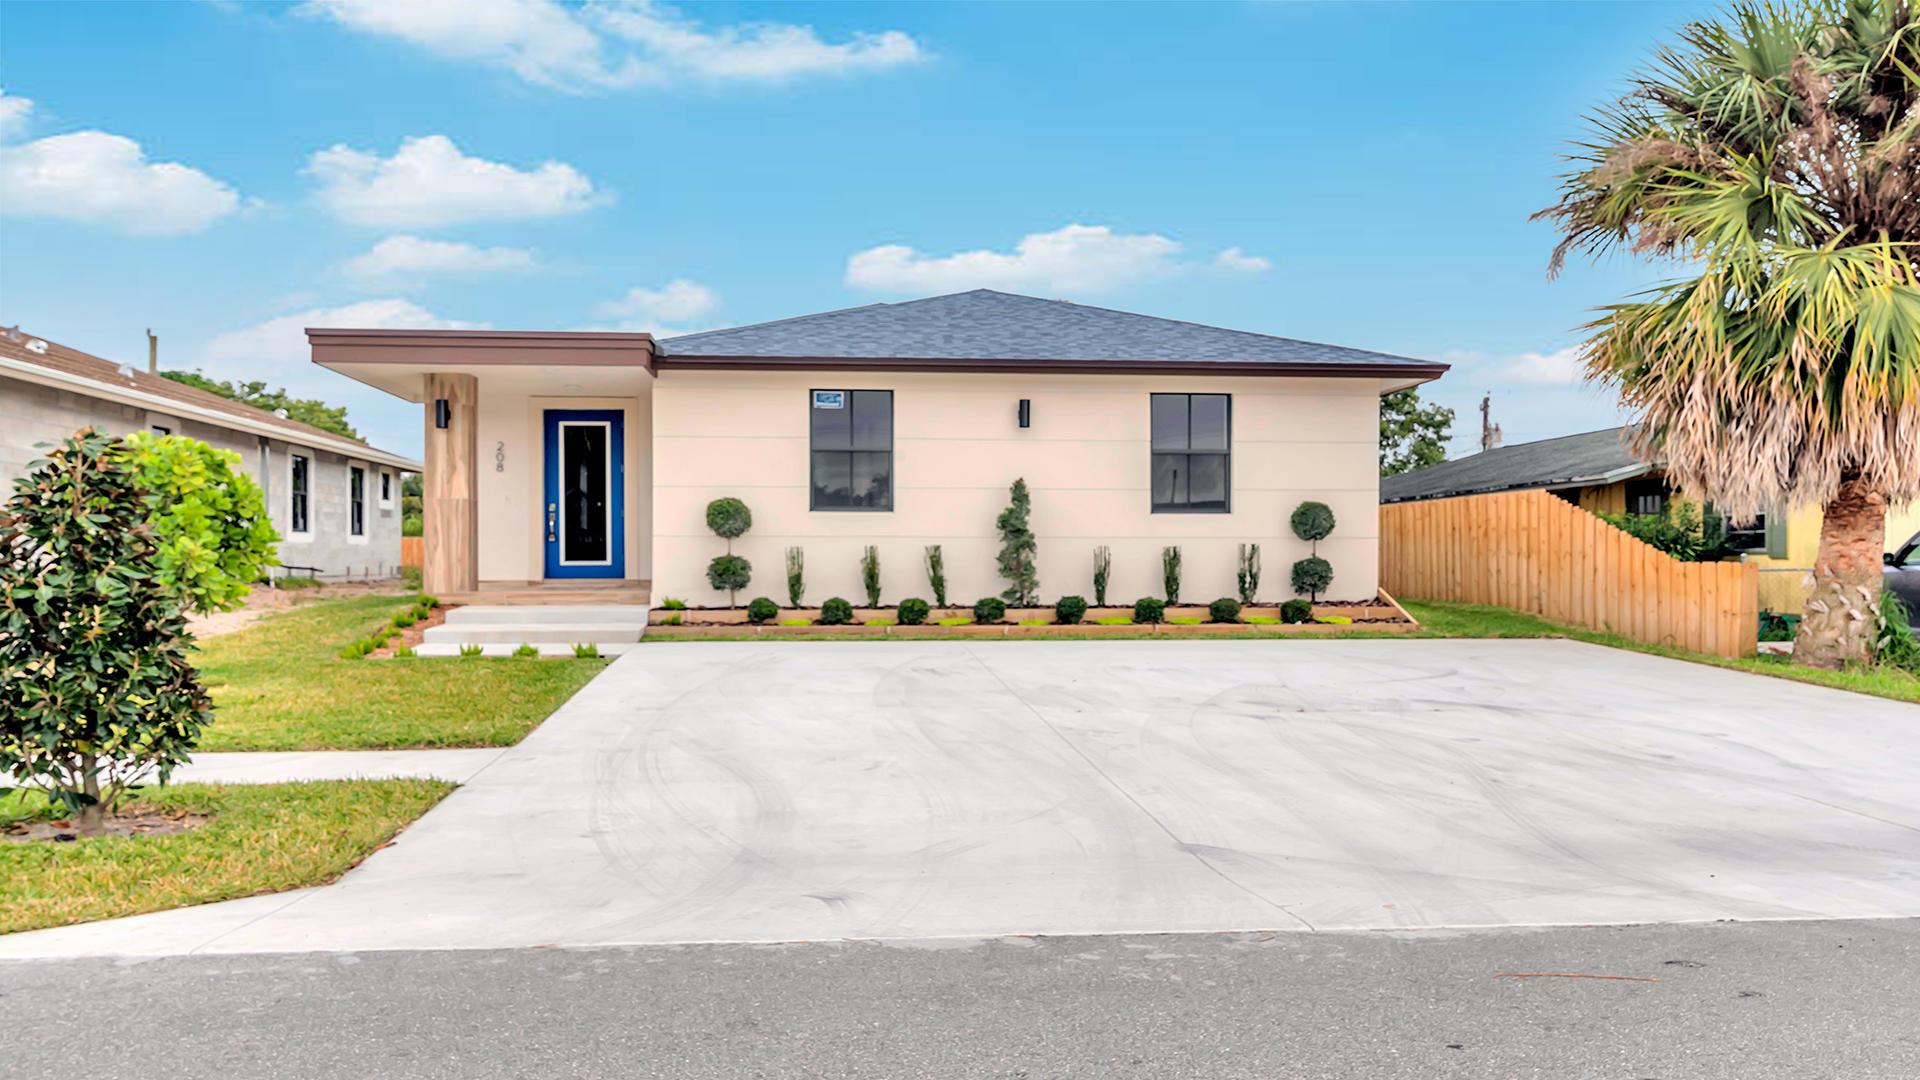 216 Broward Avenue Greenacres, FL 33463